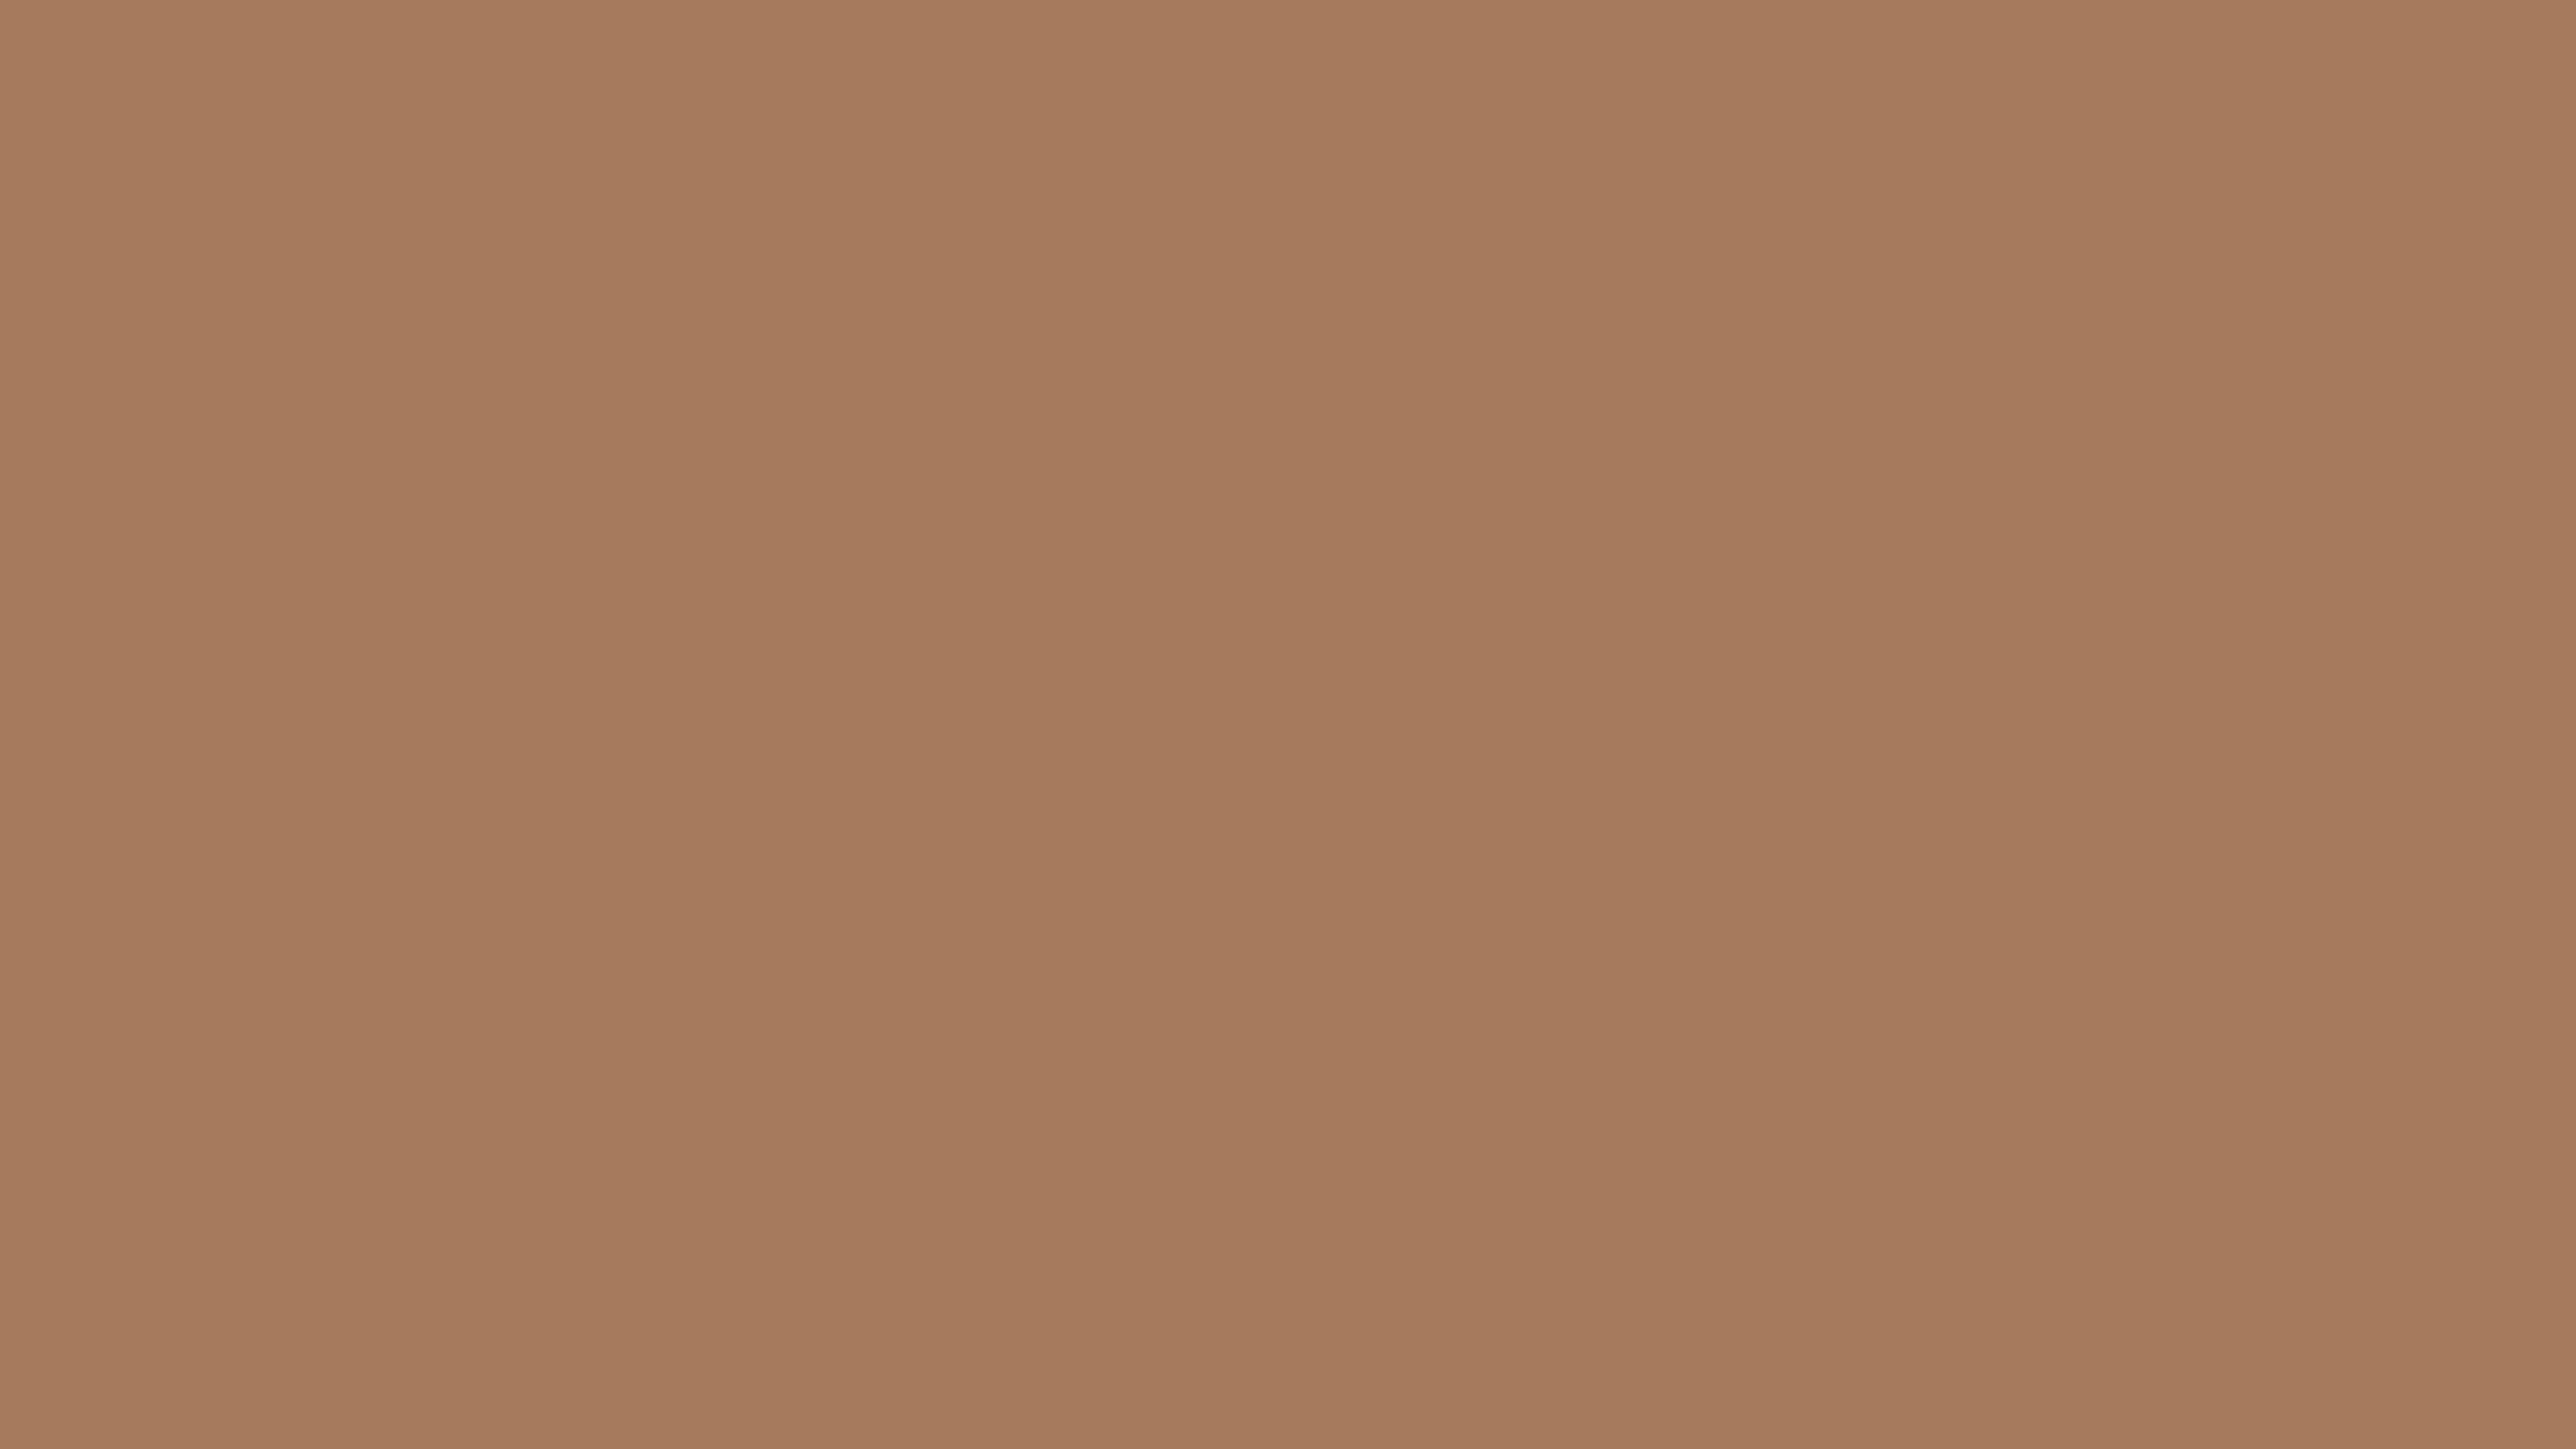 4096x2304 Cafe Au Lait Solid Color Background